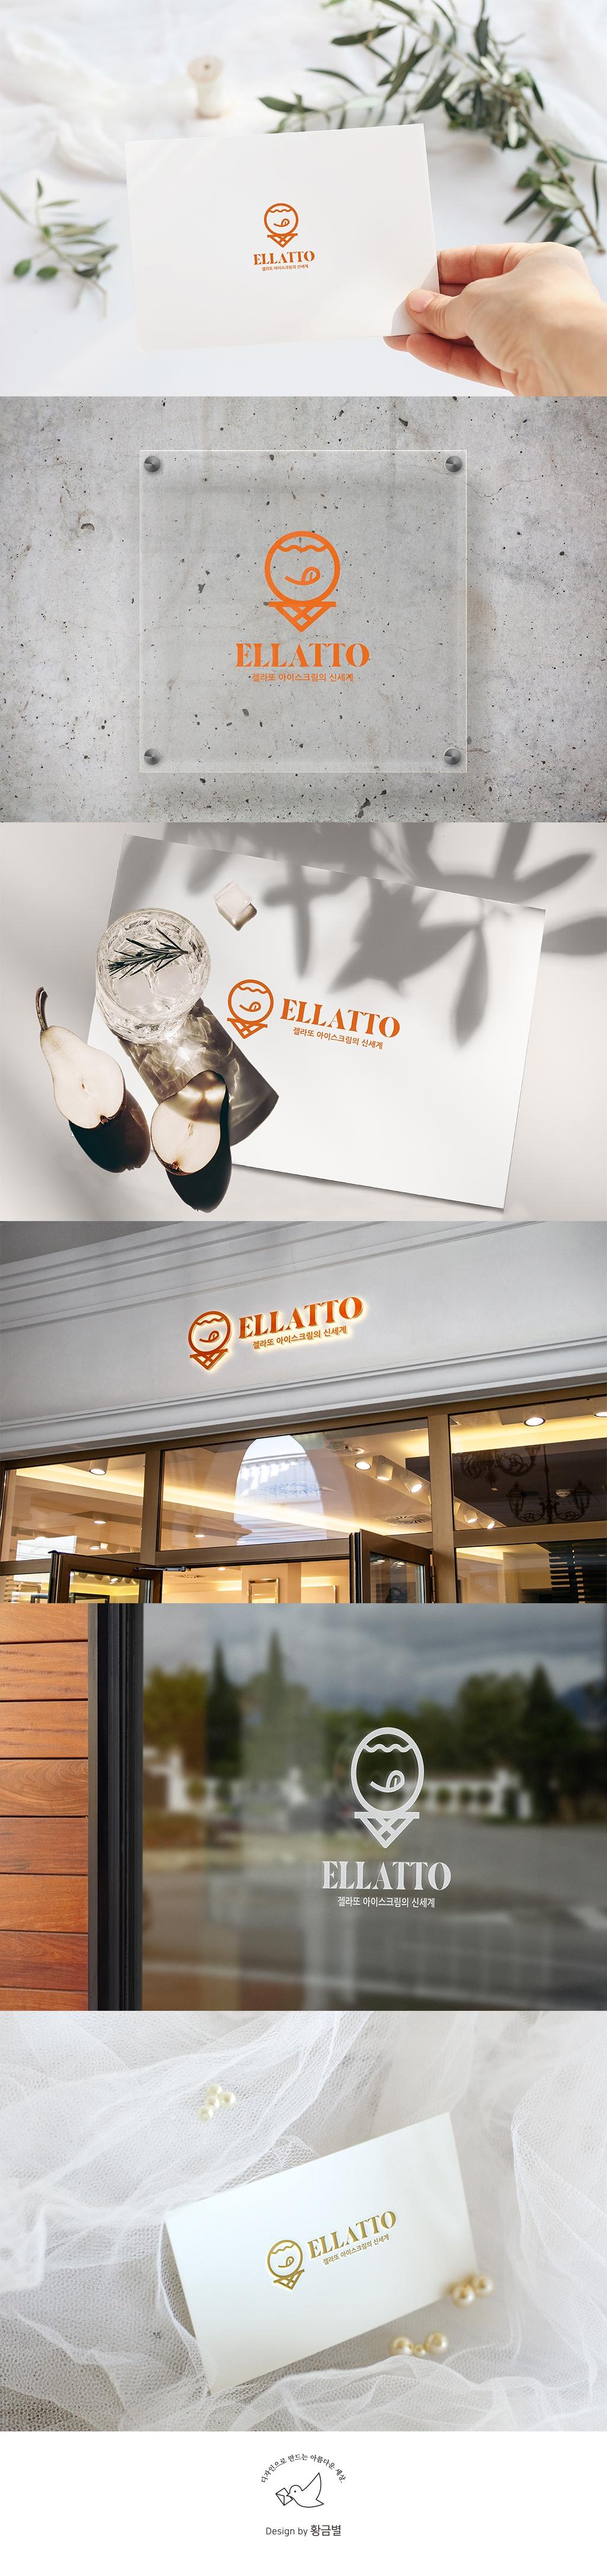 로고+간판 디자인 | 젤라또(아이스크림) 가게 로고(간판, 벽체사인 등등) 디자인 의뢰 | 라우드소싱 포트폴리오